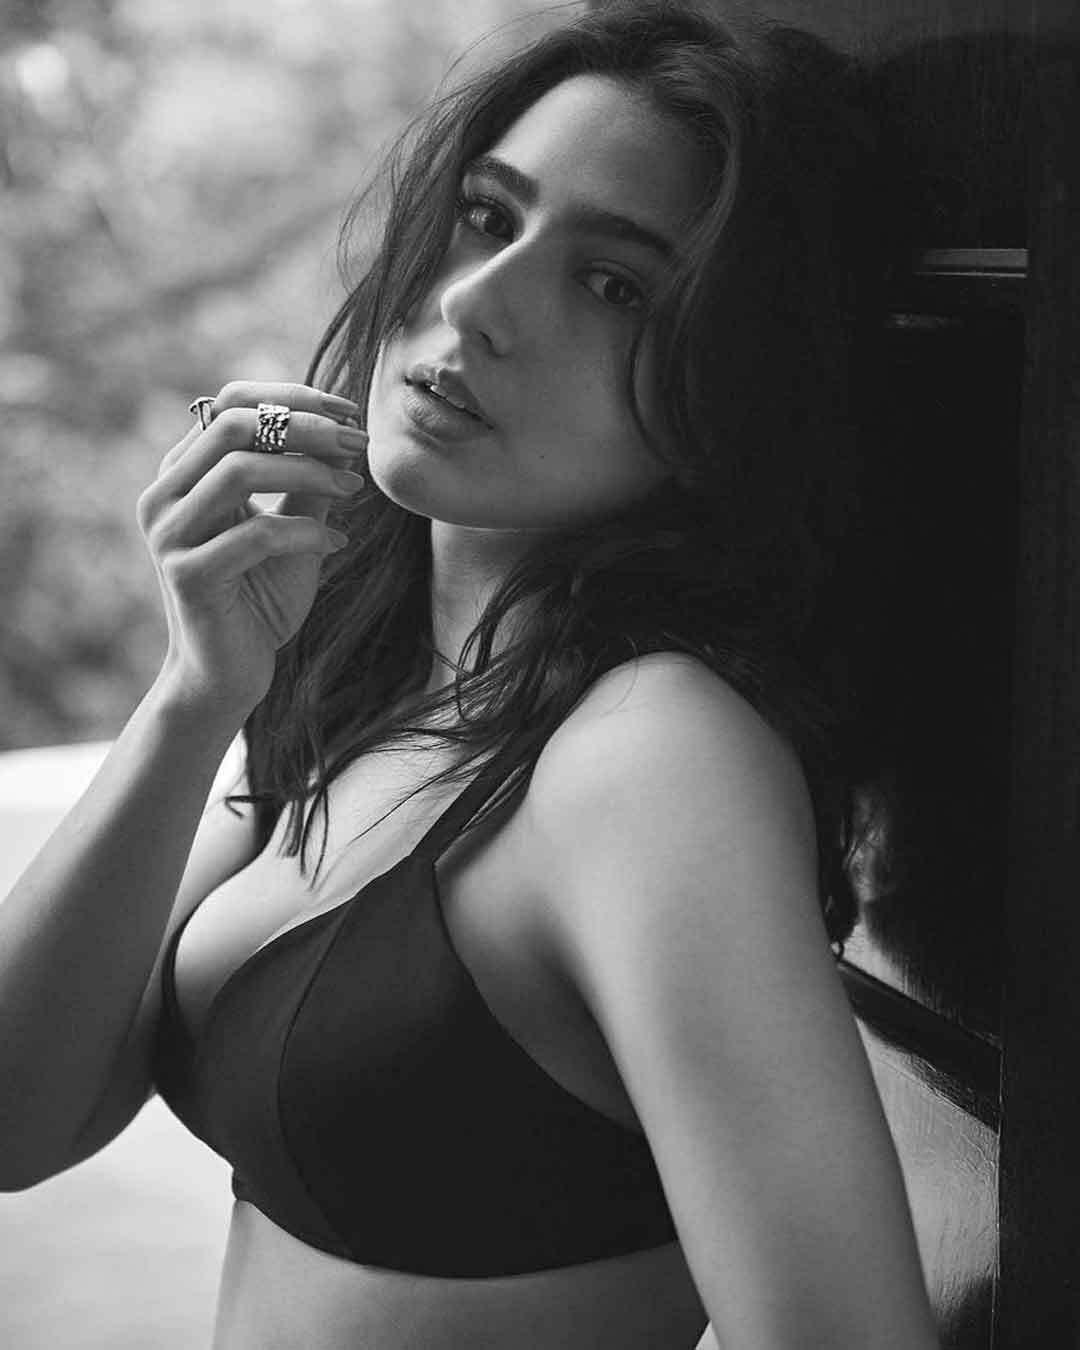 सारा अली खान ने अपने इस  बिकिनी टॉप Photoshoot से  उड़ाए फैंस के होश